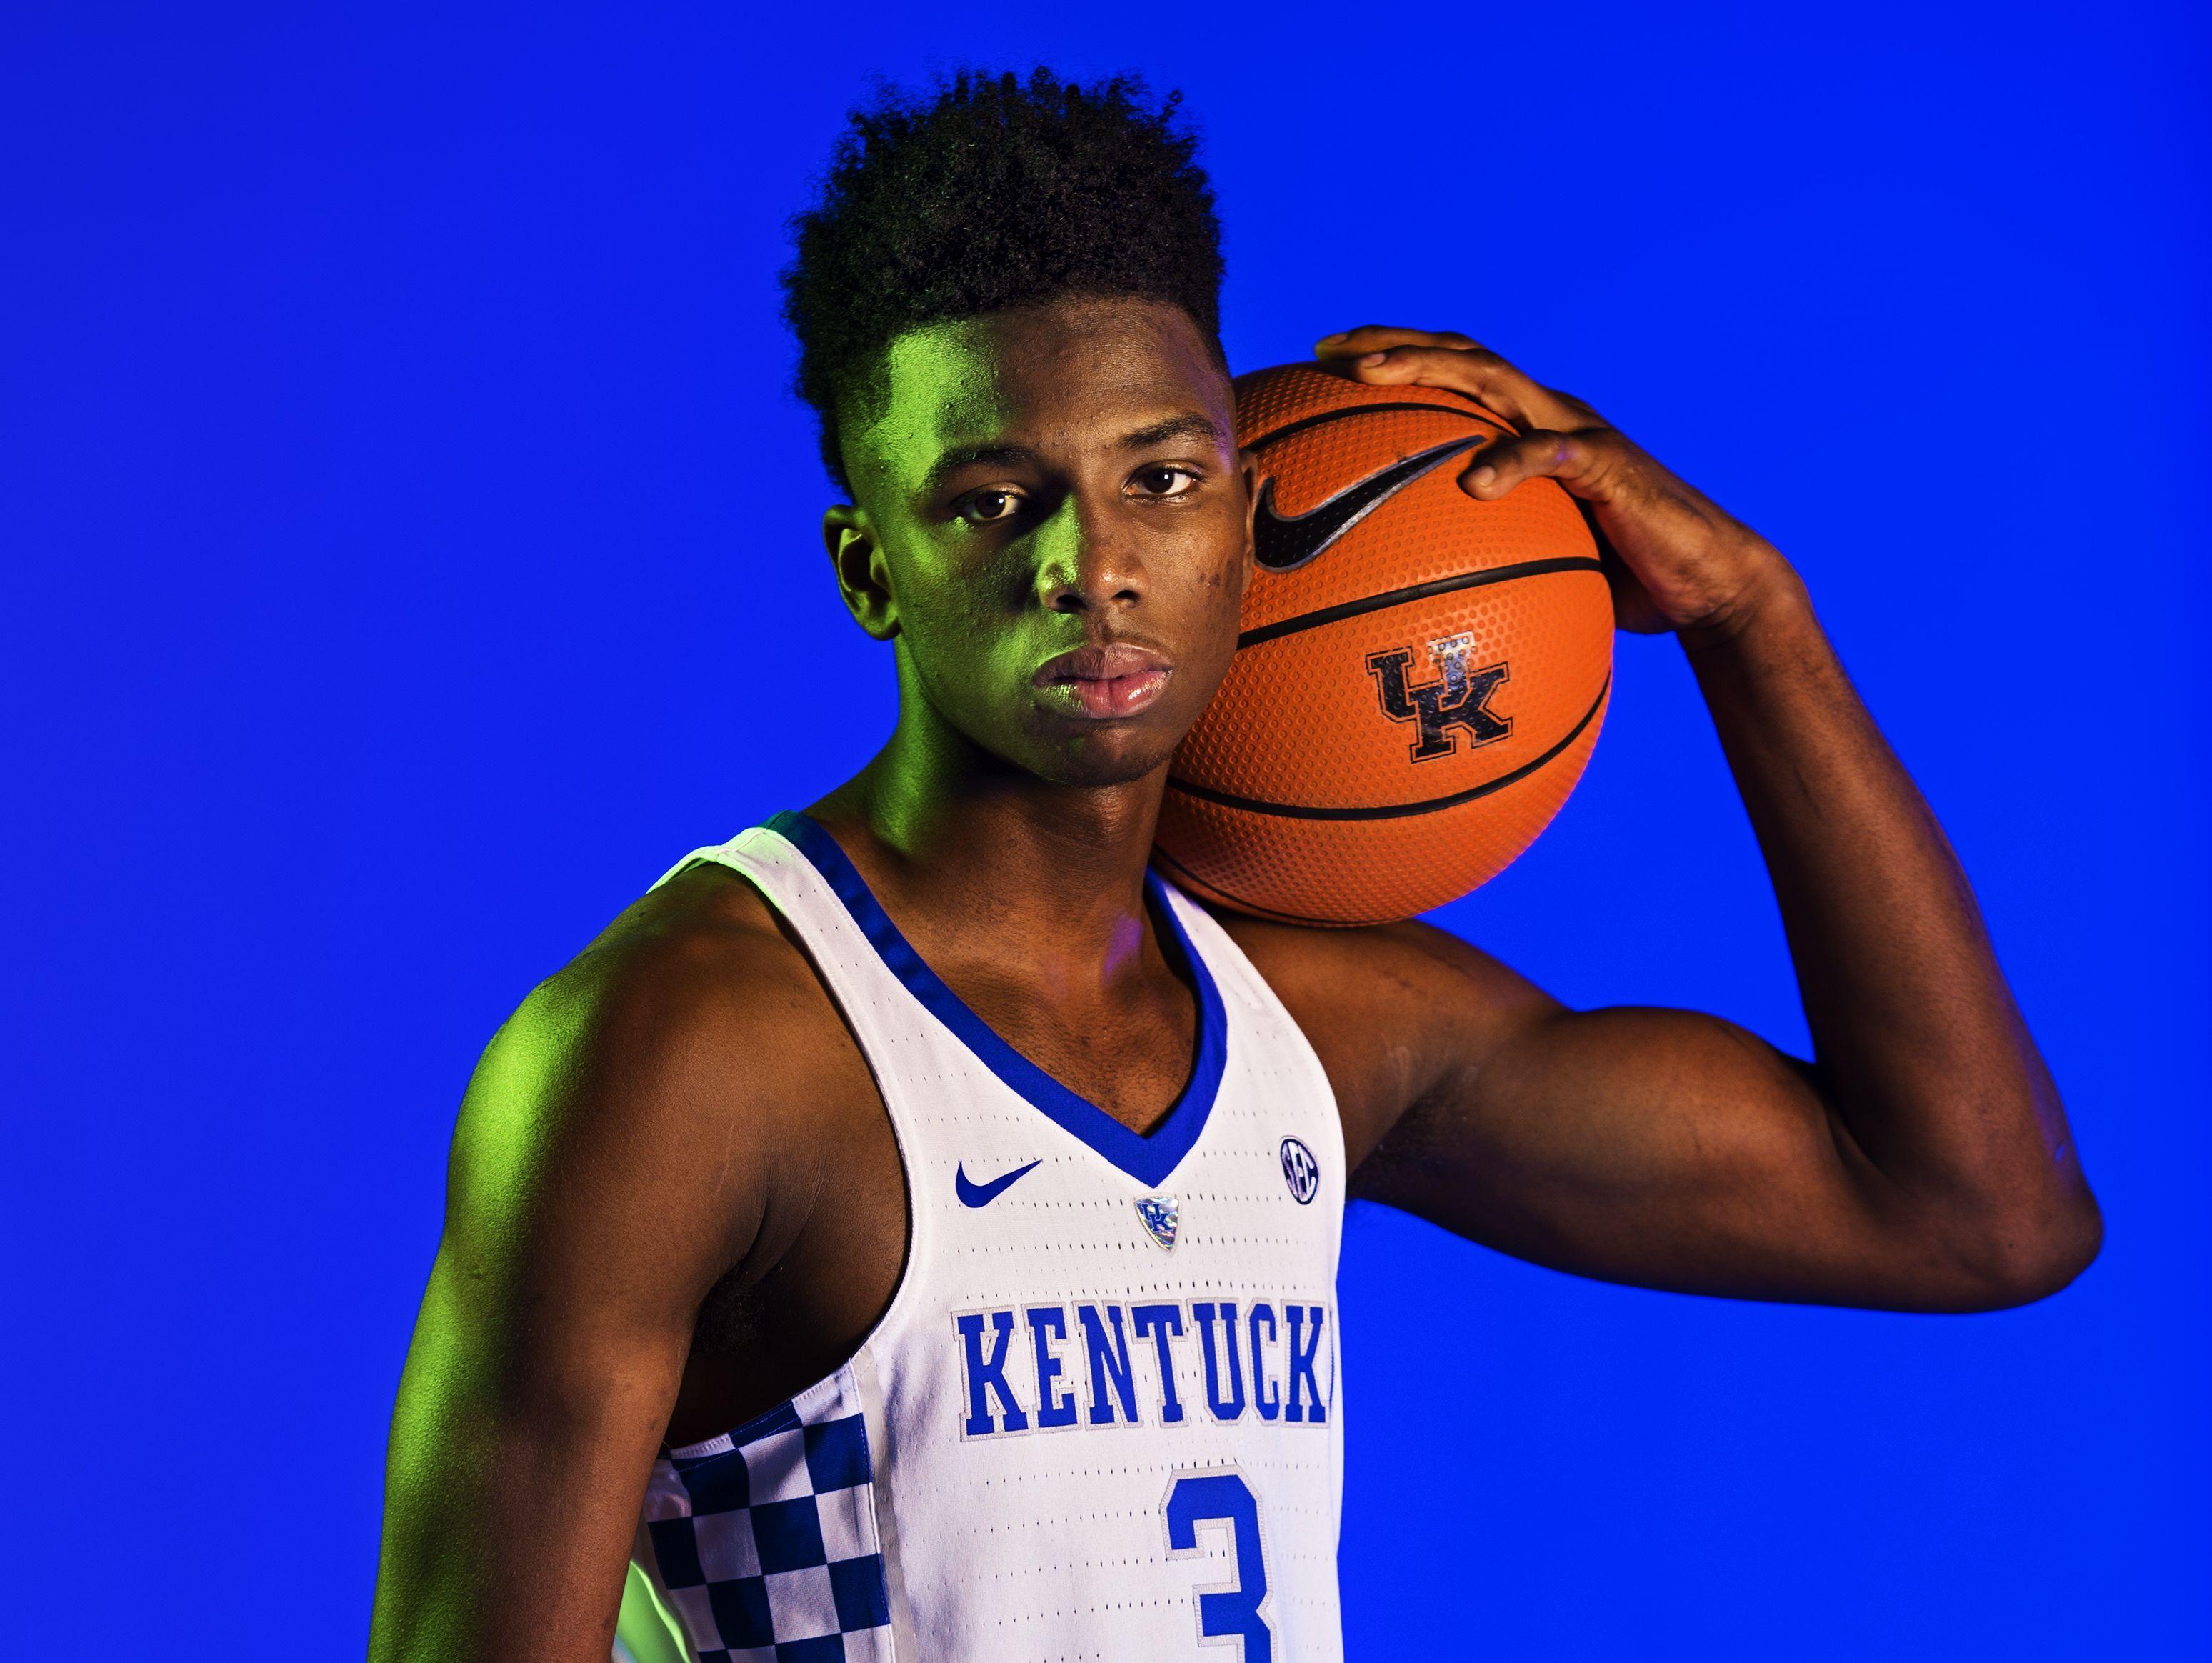 Kentucky Wildcats Player Hamidou Diallo